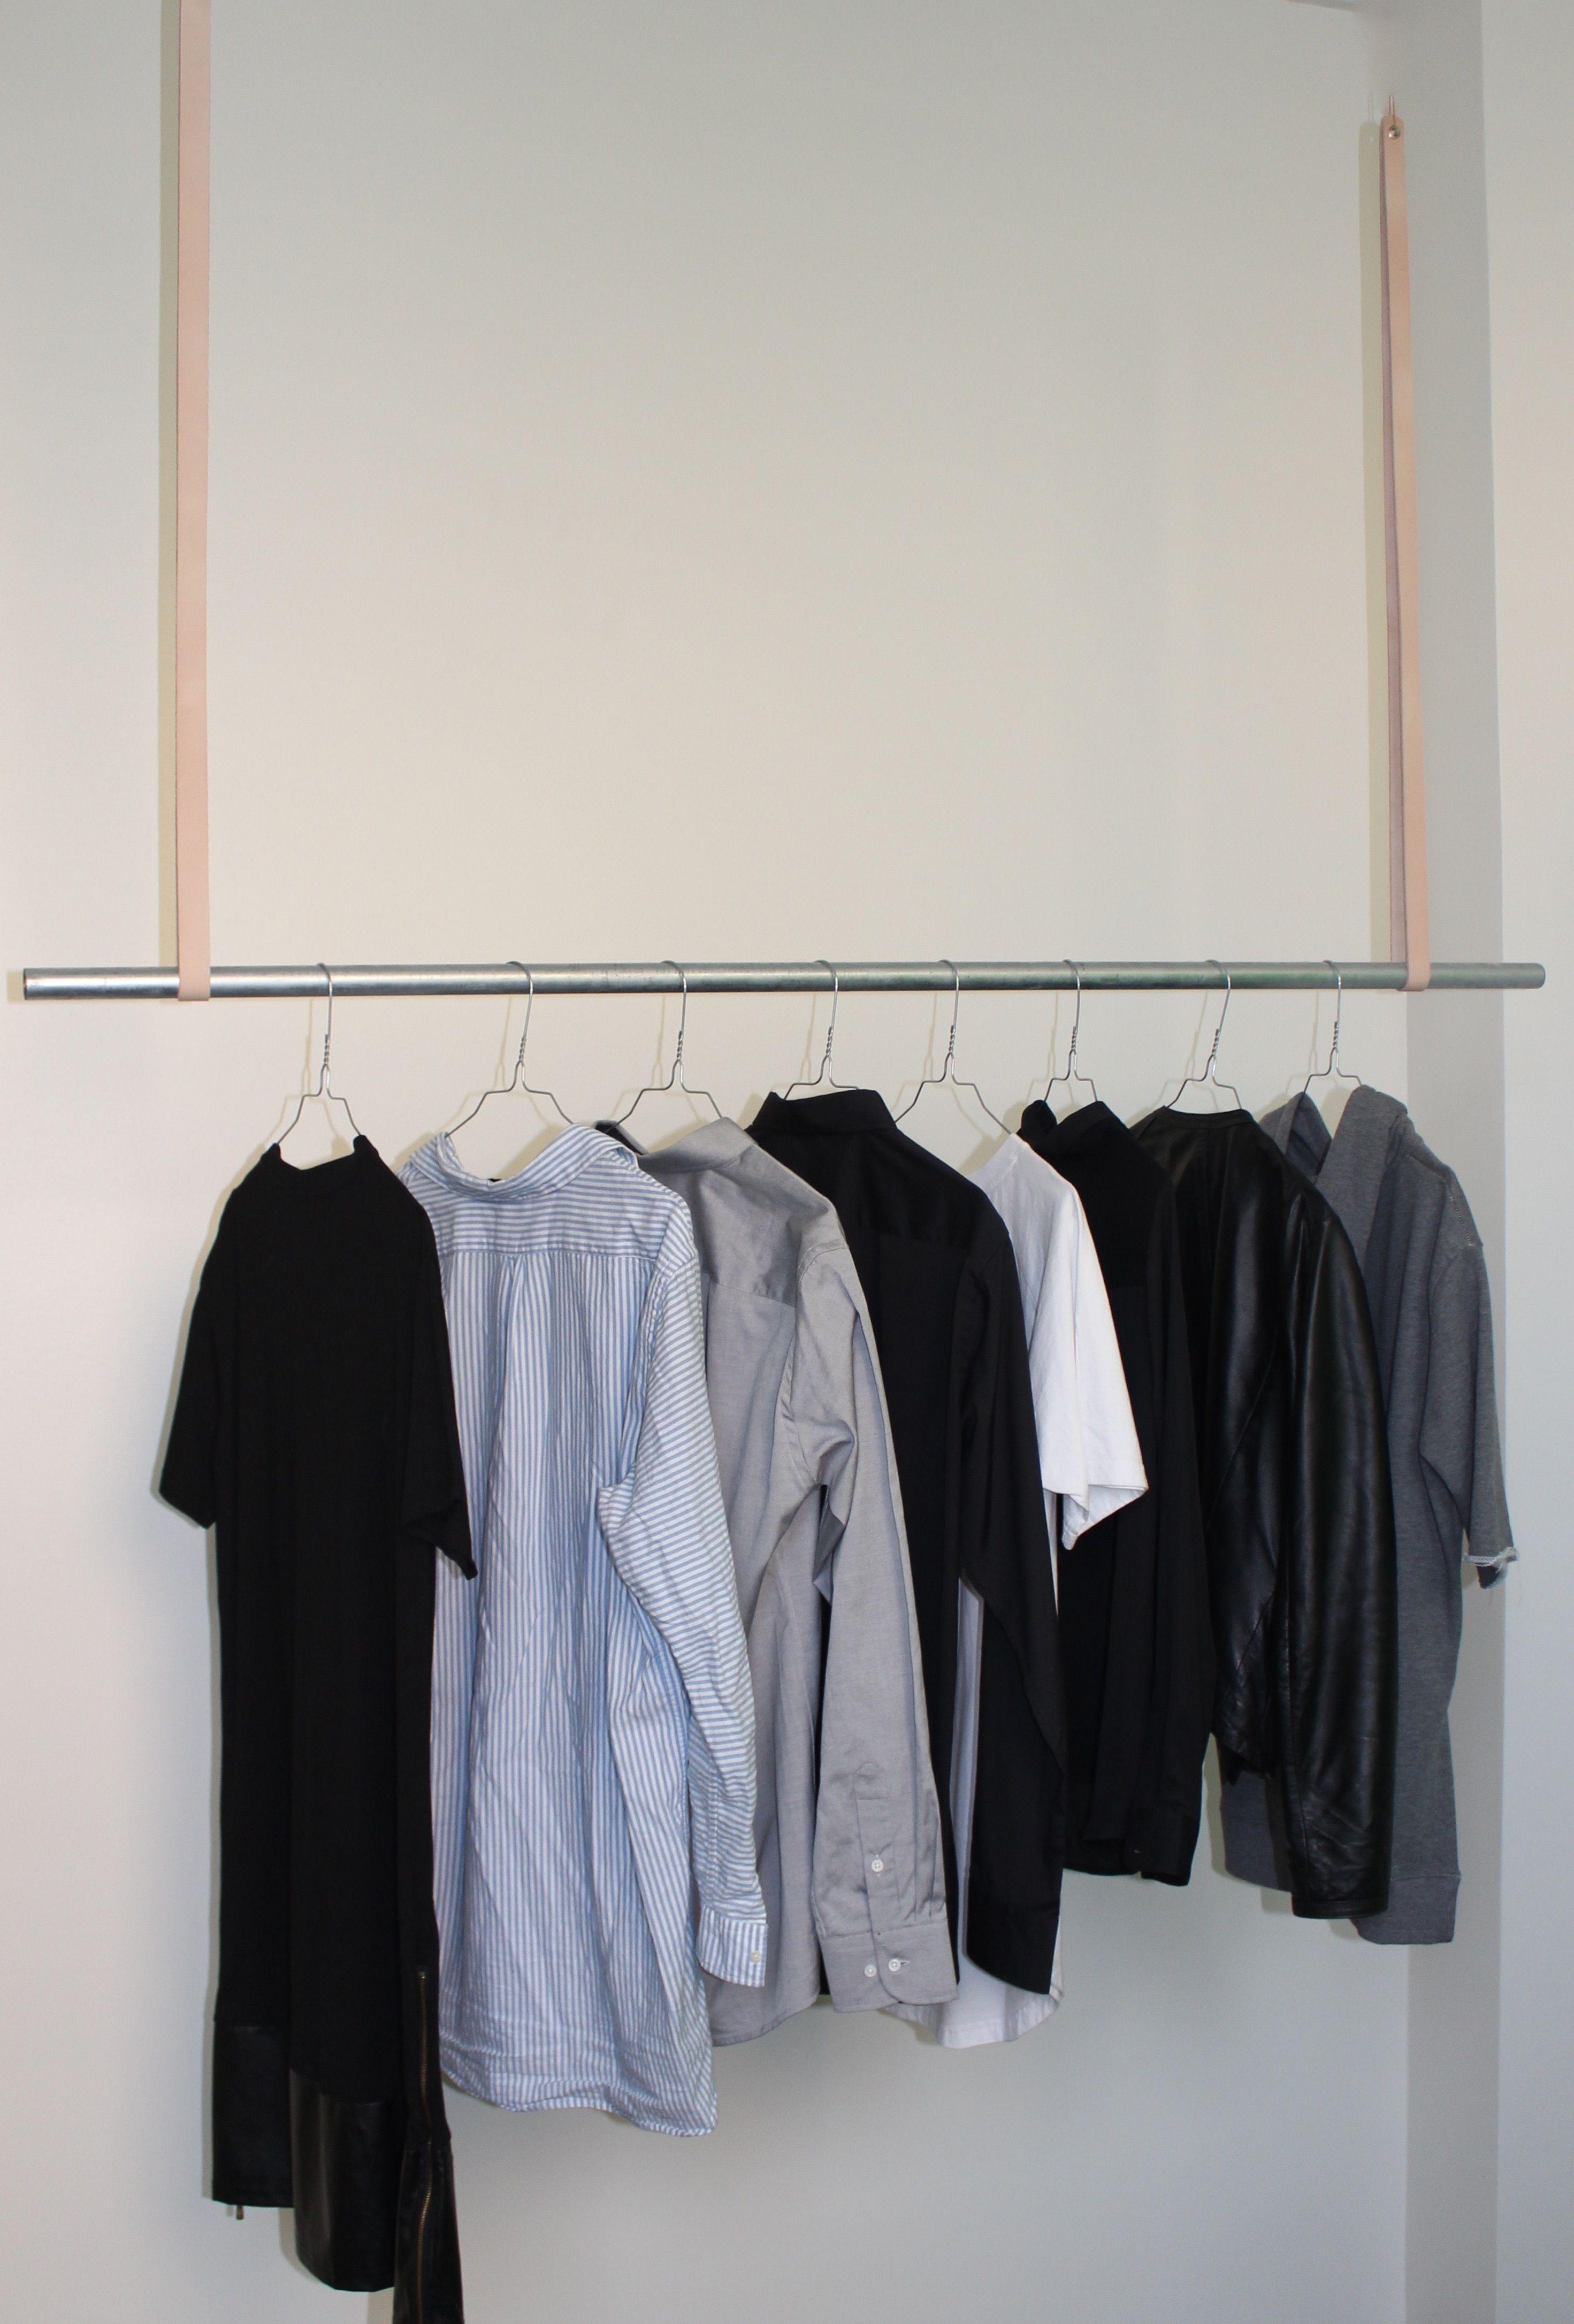 Vi kan kombinere lige netop det look og det design som du ønsker, vi har både træ- og metalstang og forskellige farver læder.